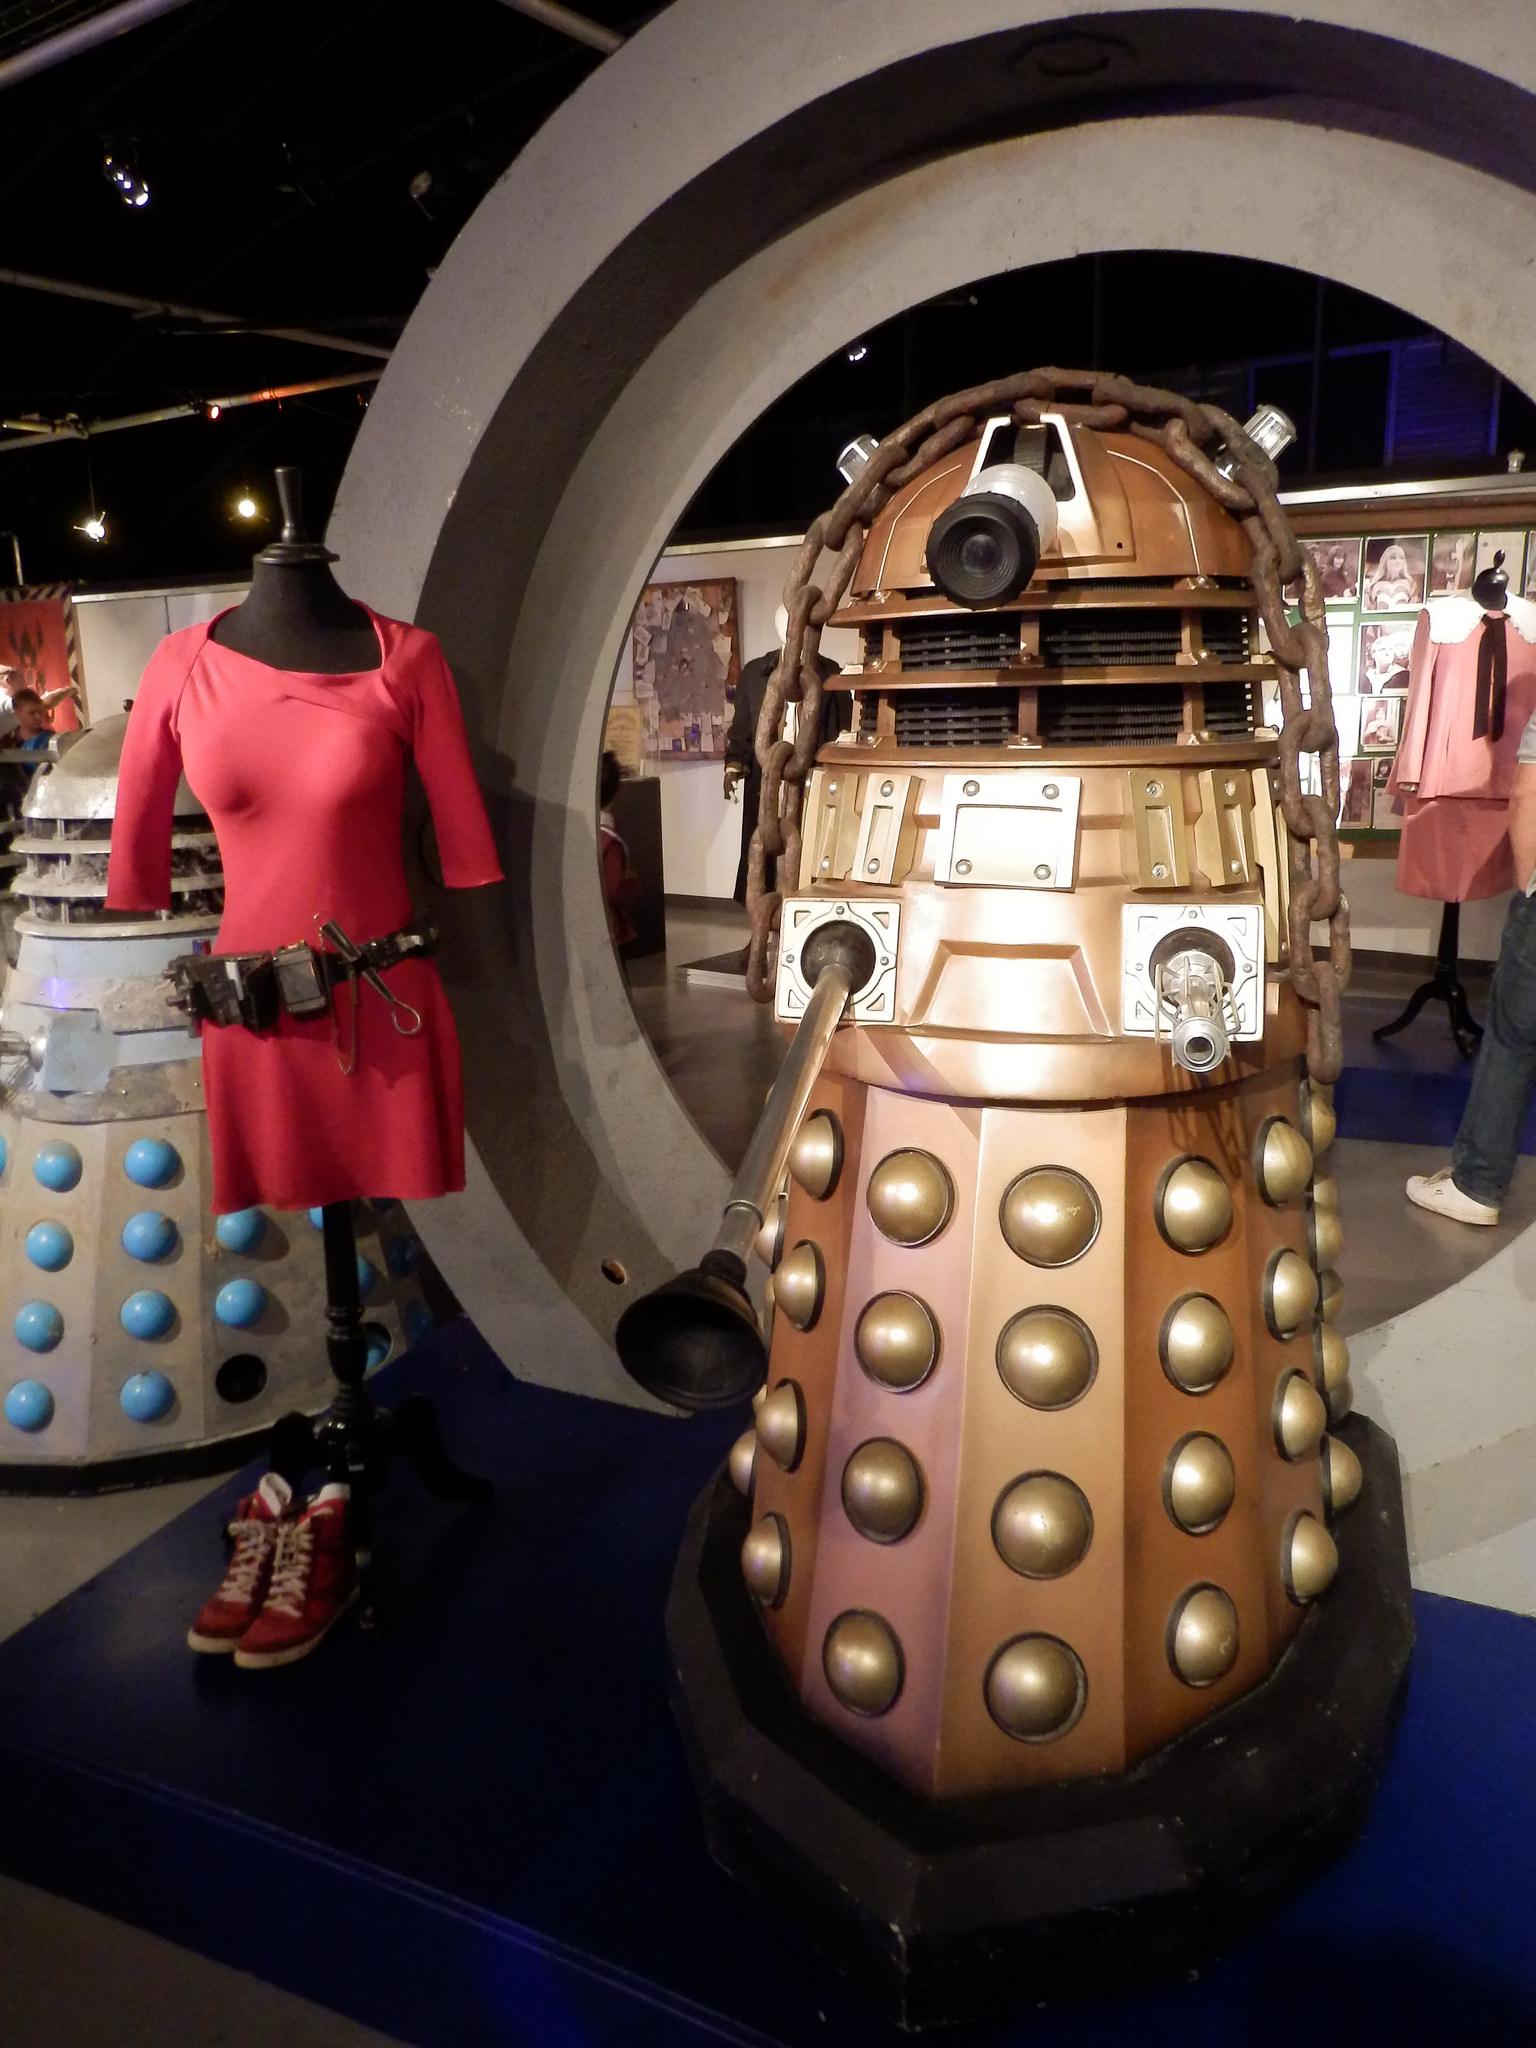 TPE EC2/EC1 as the 'Oswin' Dalek.